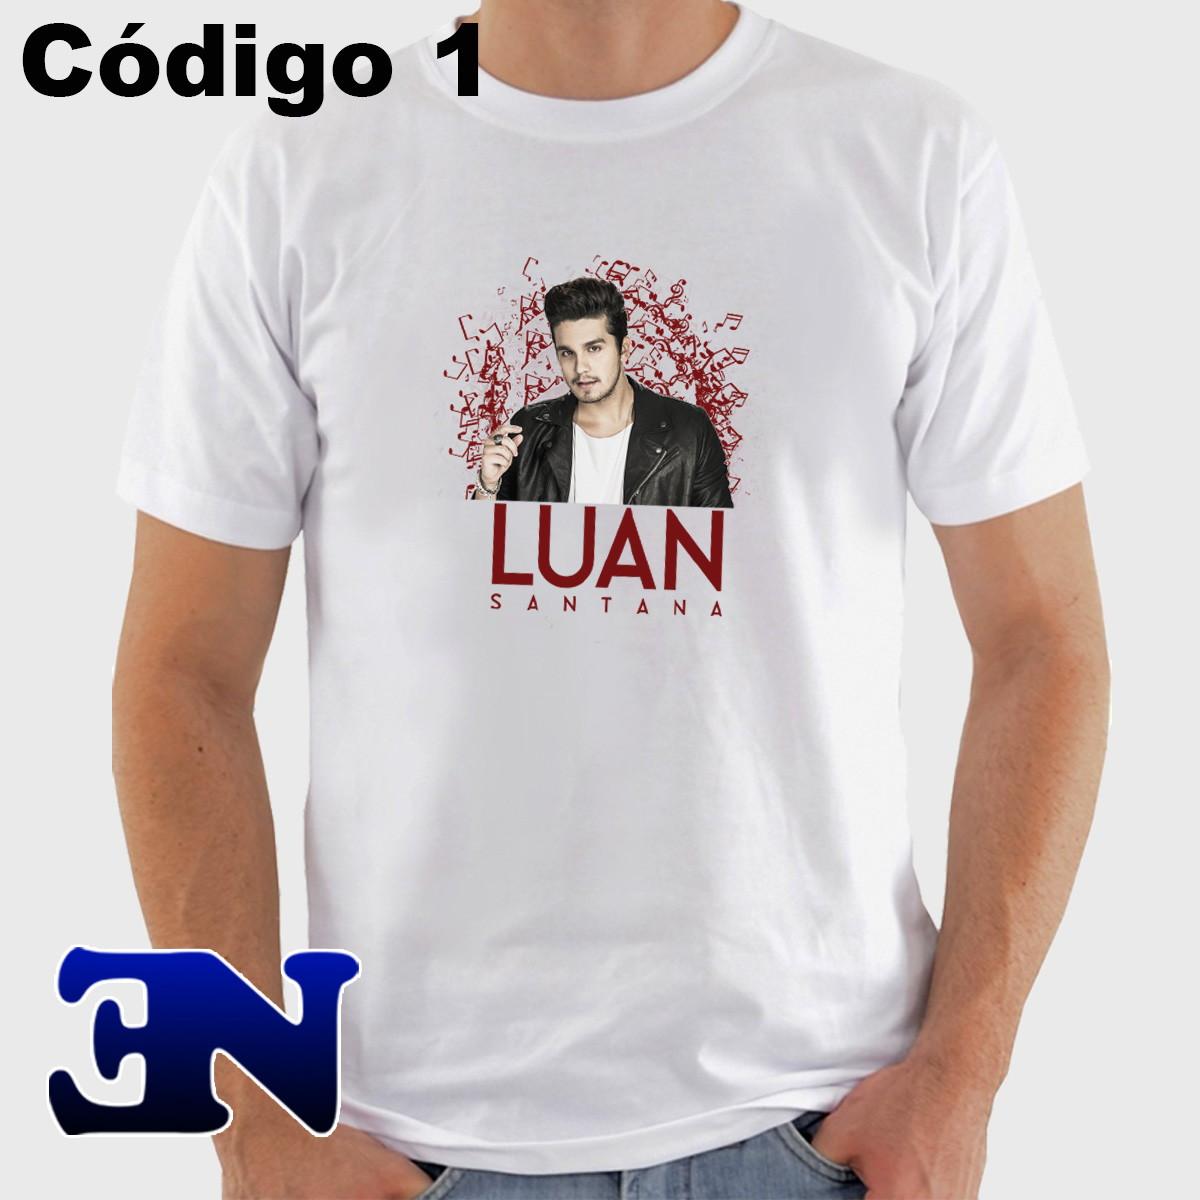 9bcb4a8a9e Camiseta Luan Santana - 2050 - Sertanejo no Elo7